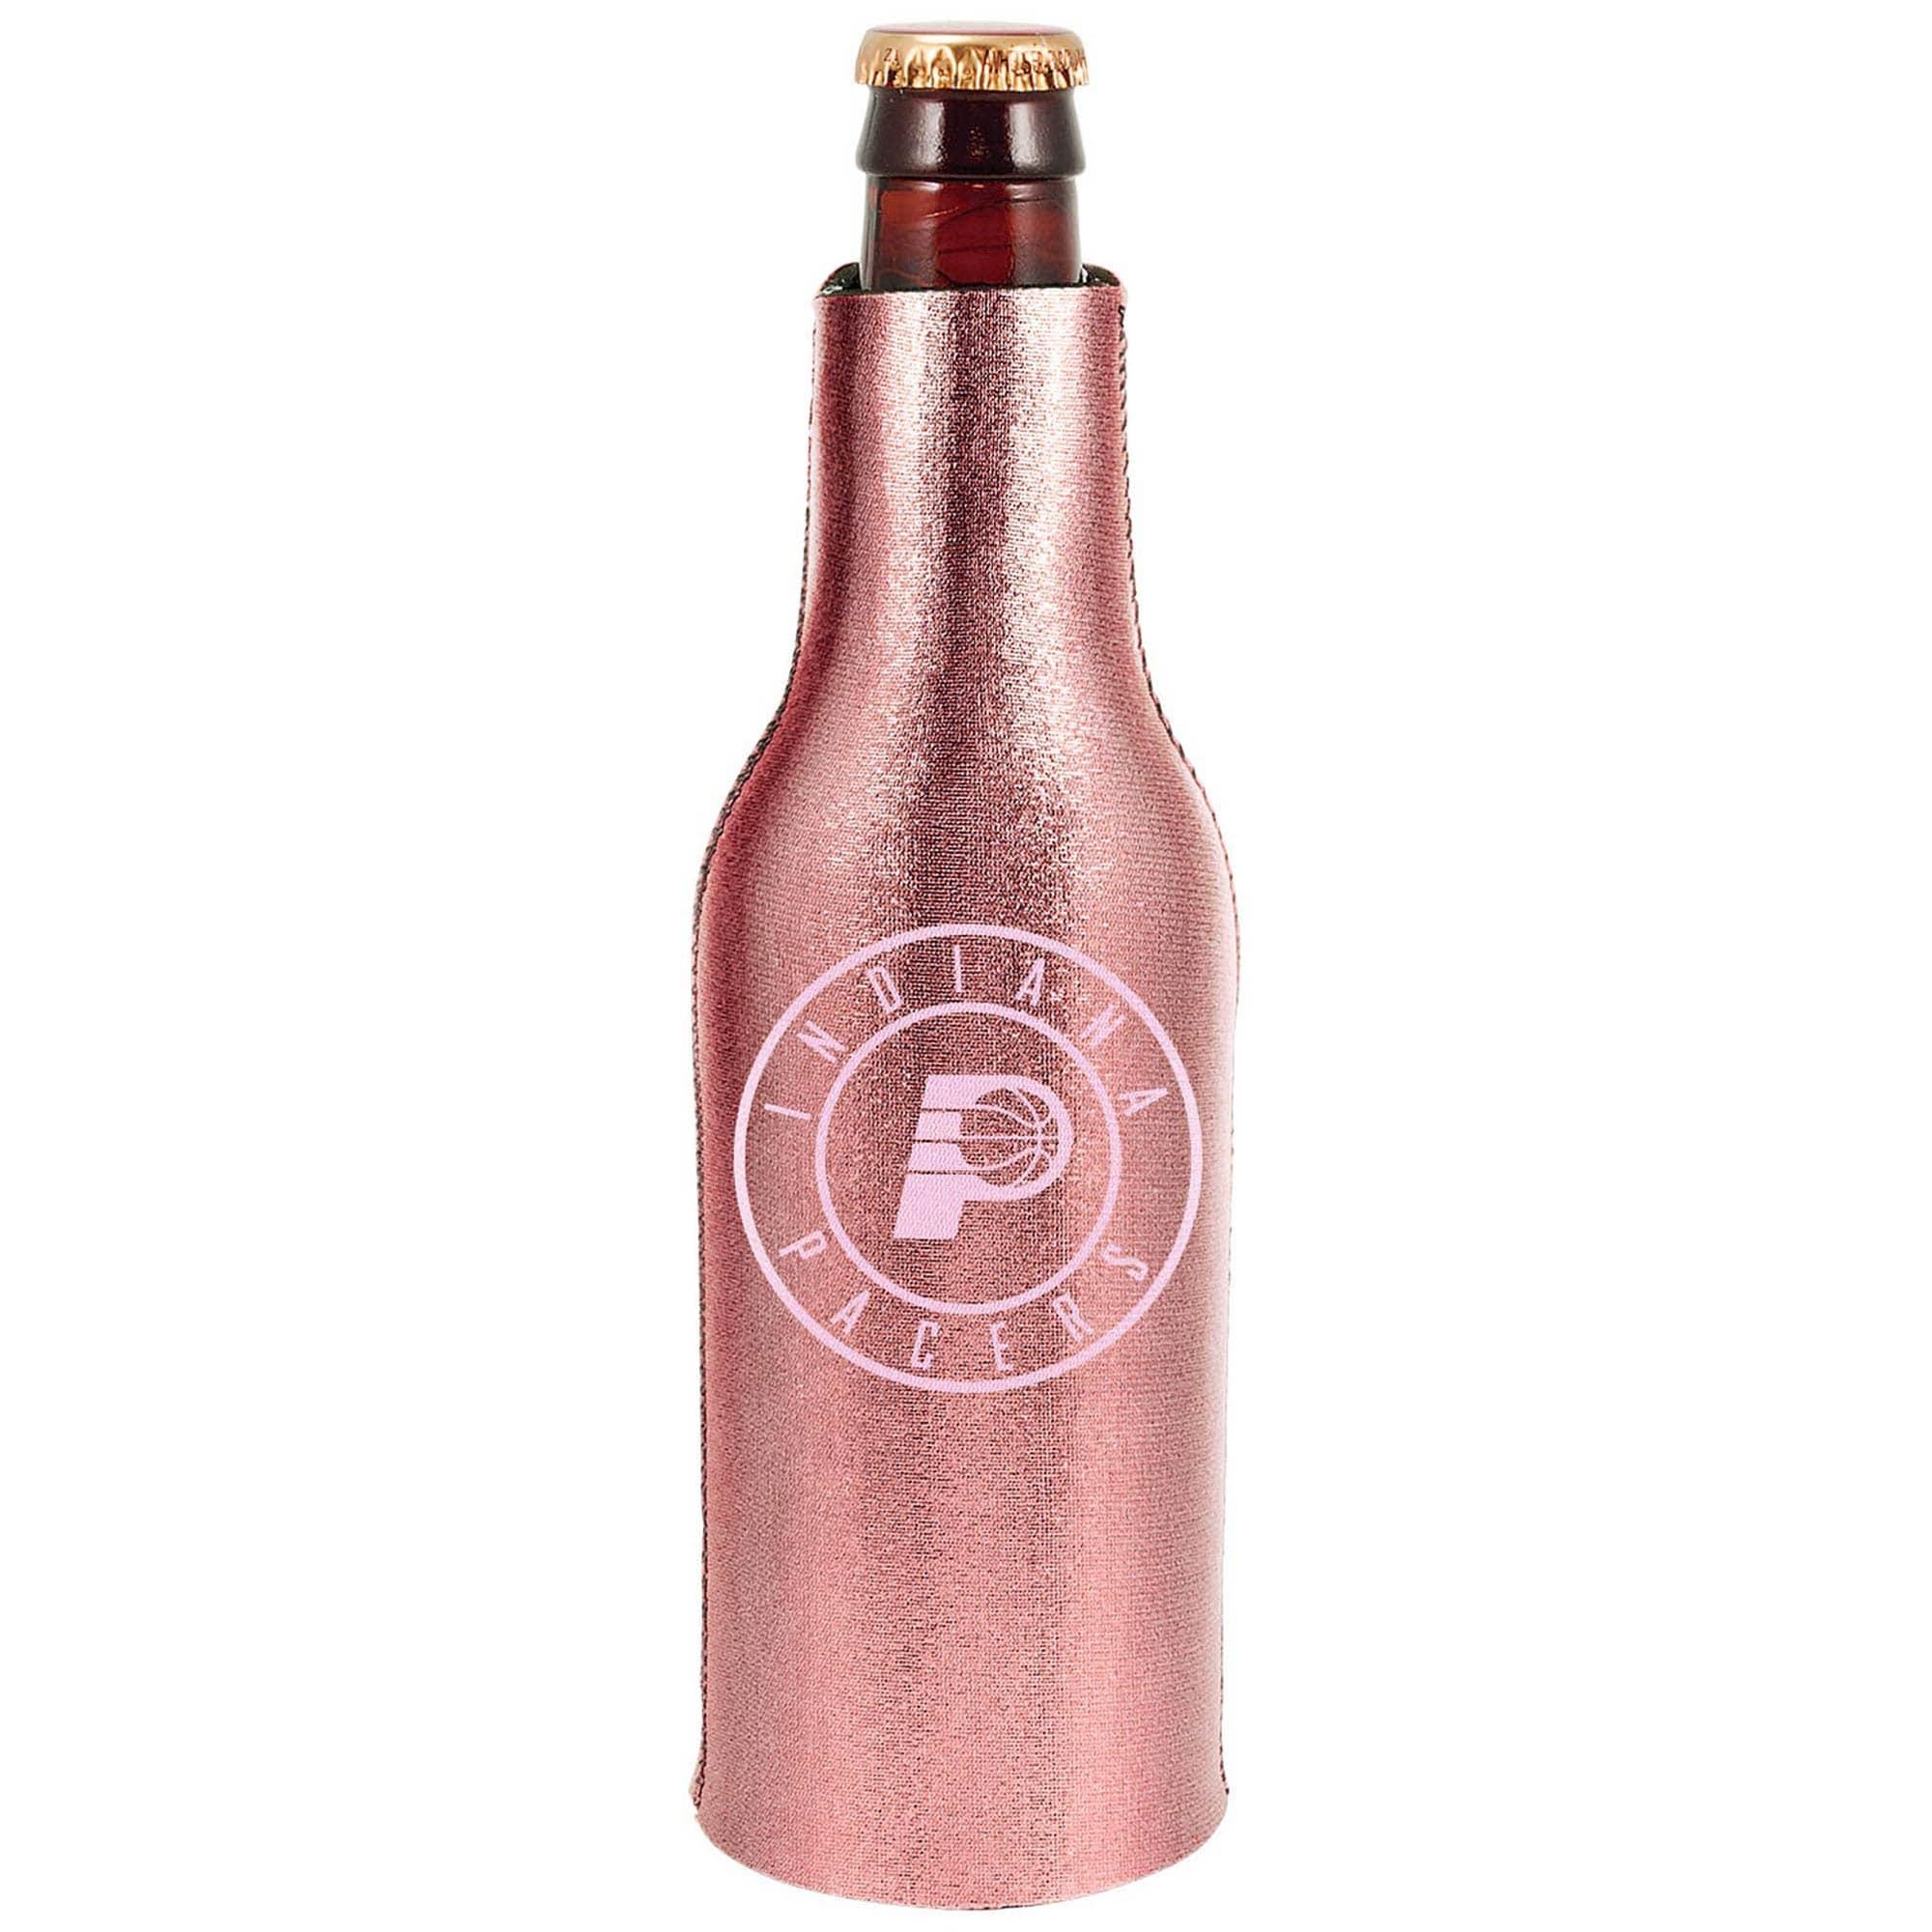 Indiana Pacers 12oz. Rose Gold Bottle Cooler